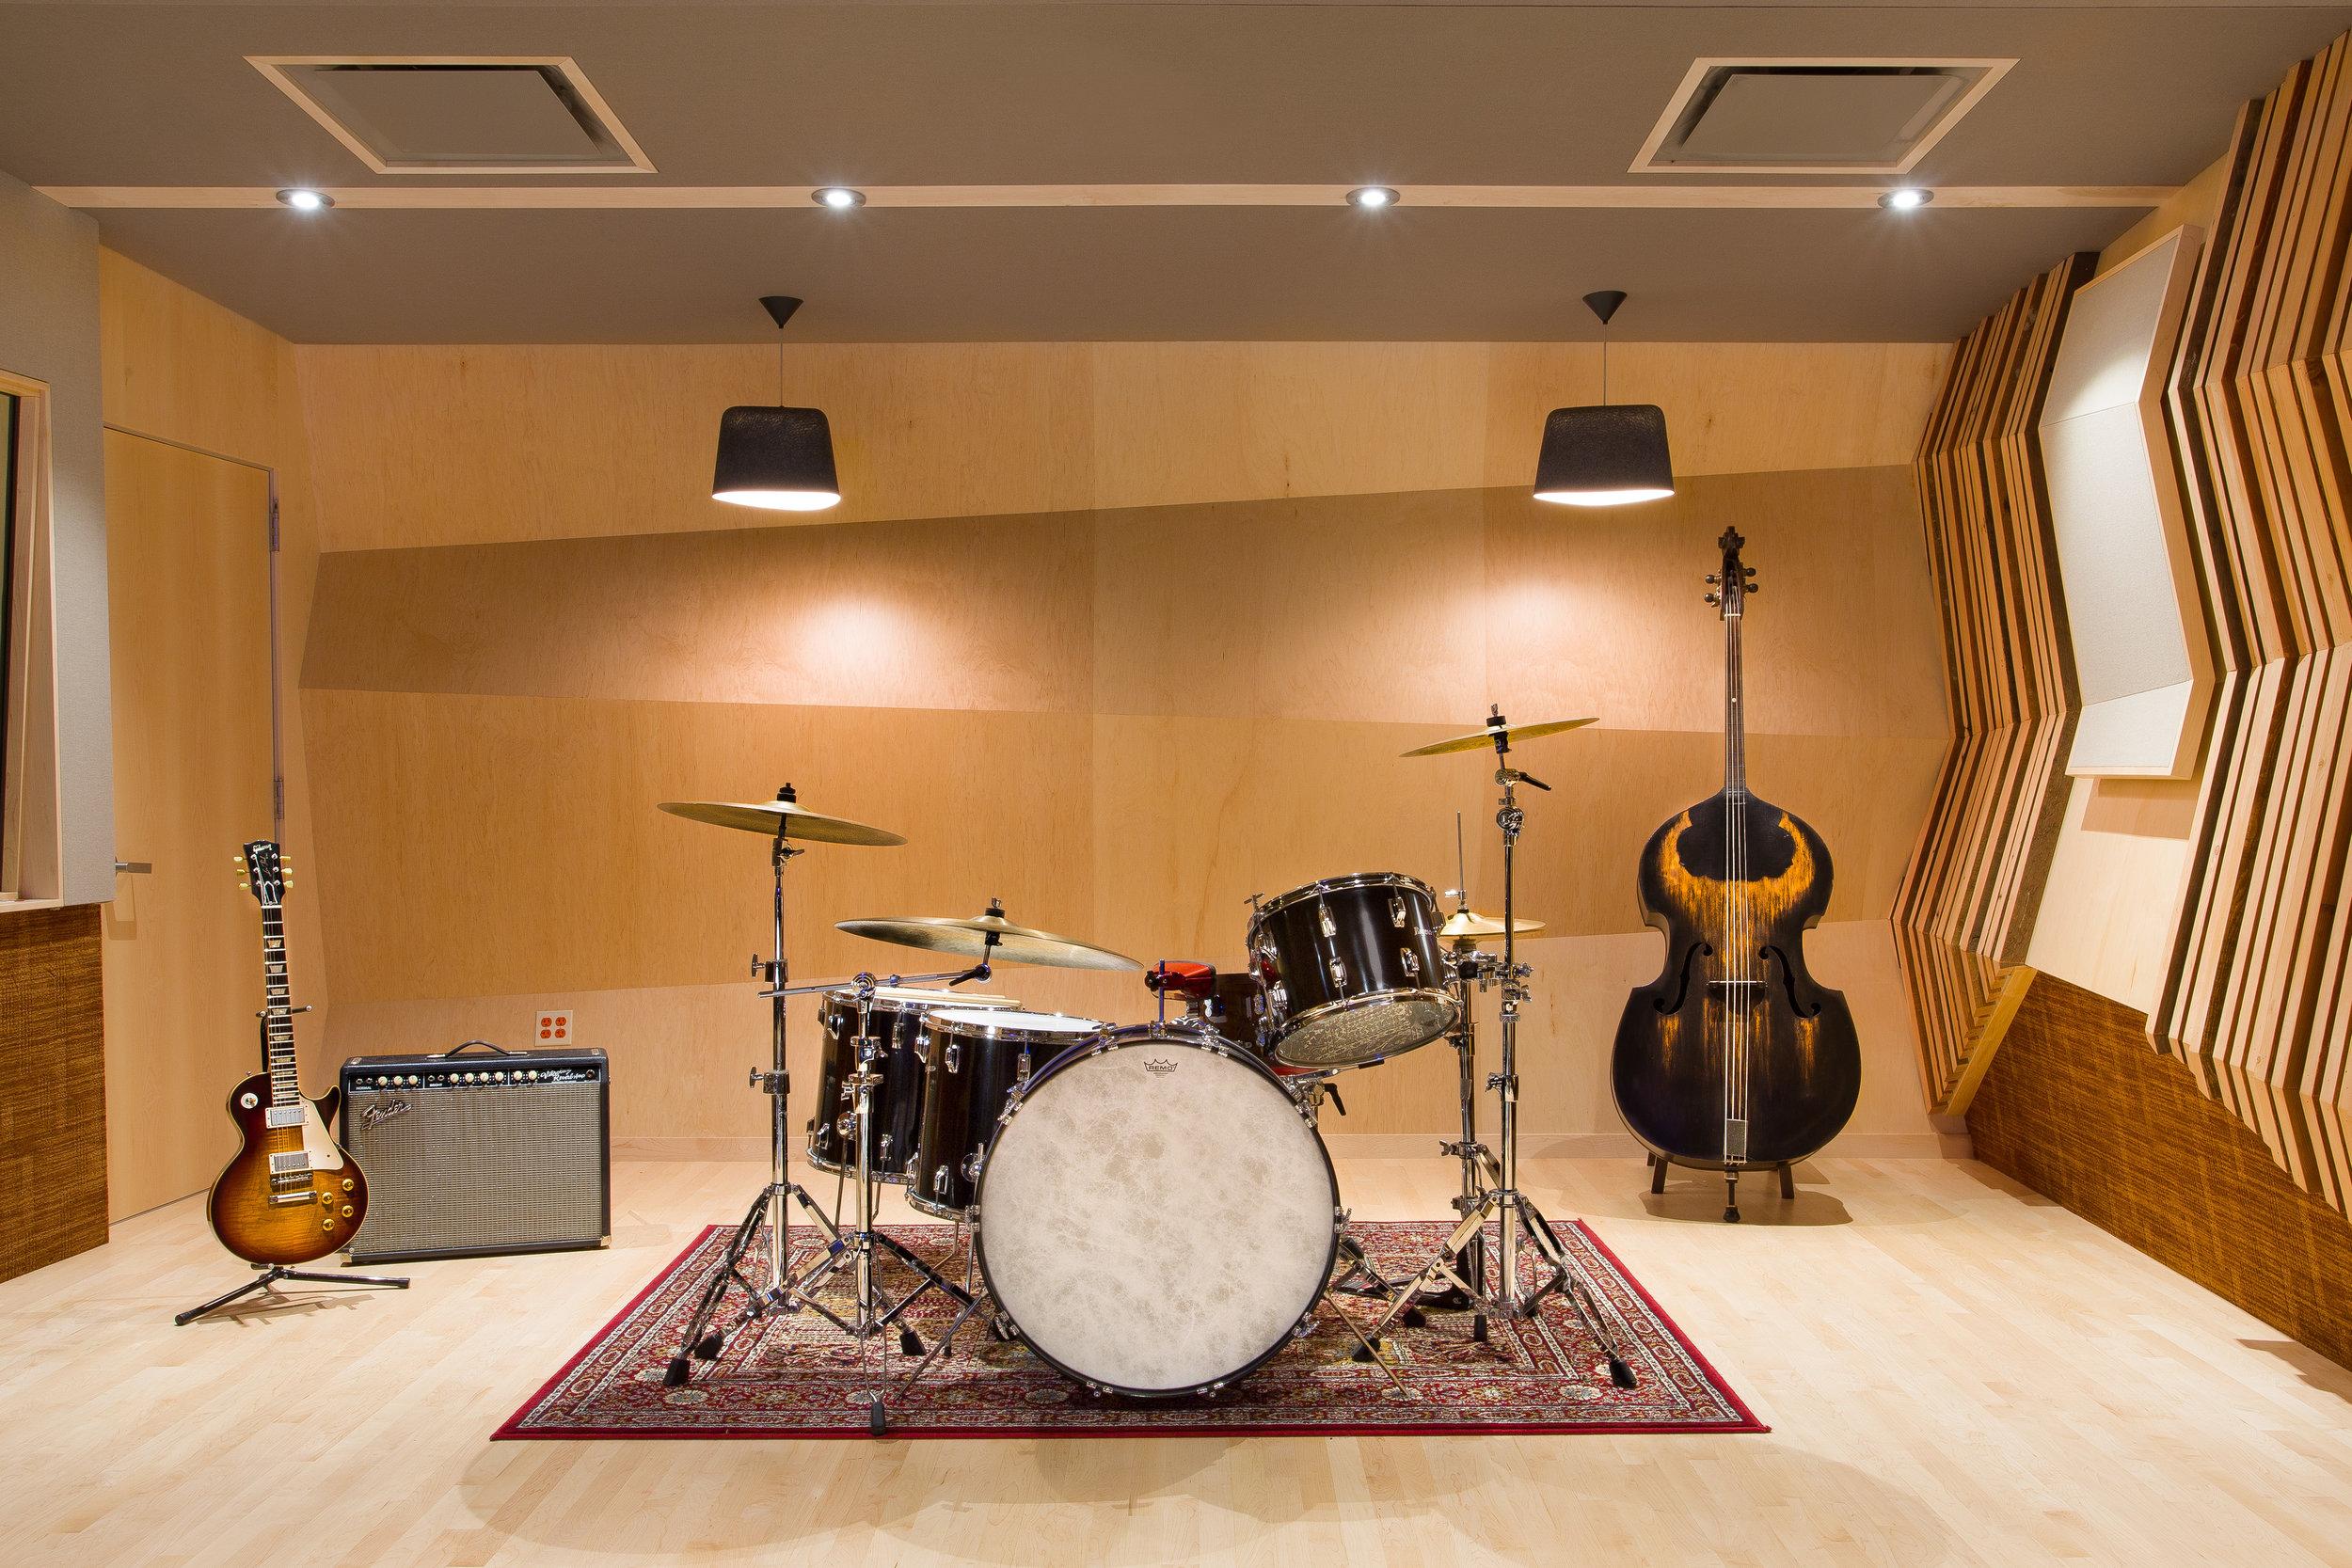 Universal Audio Recording Studio